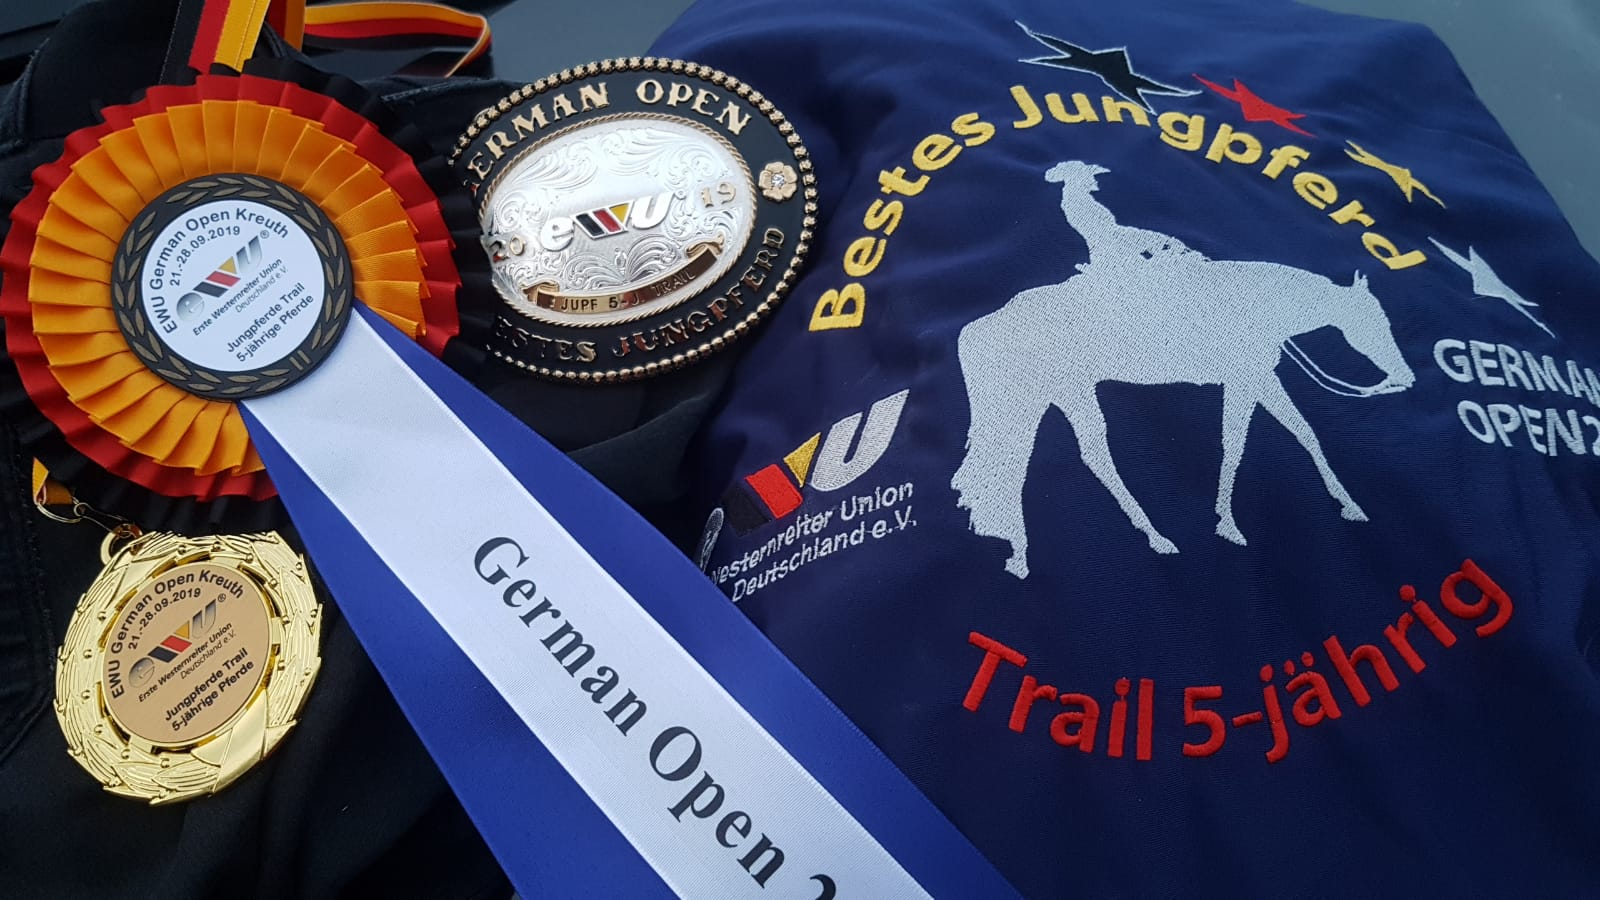 Bestes Jungpferd Deutschland Trail 5-jährig